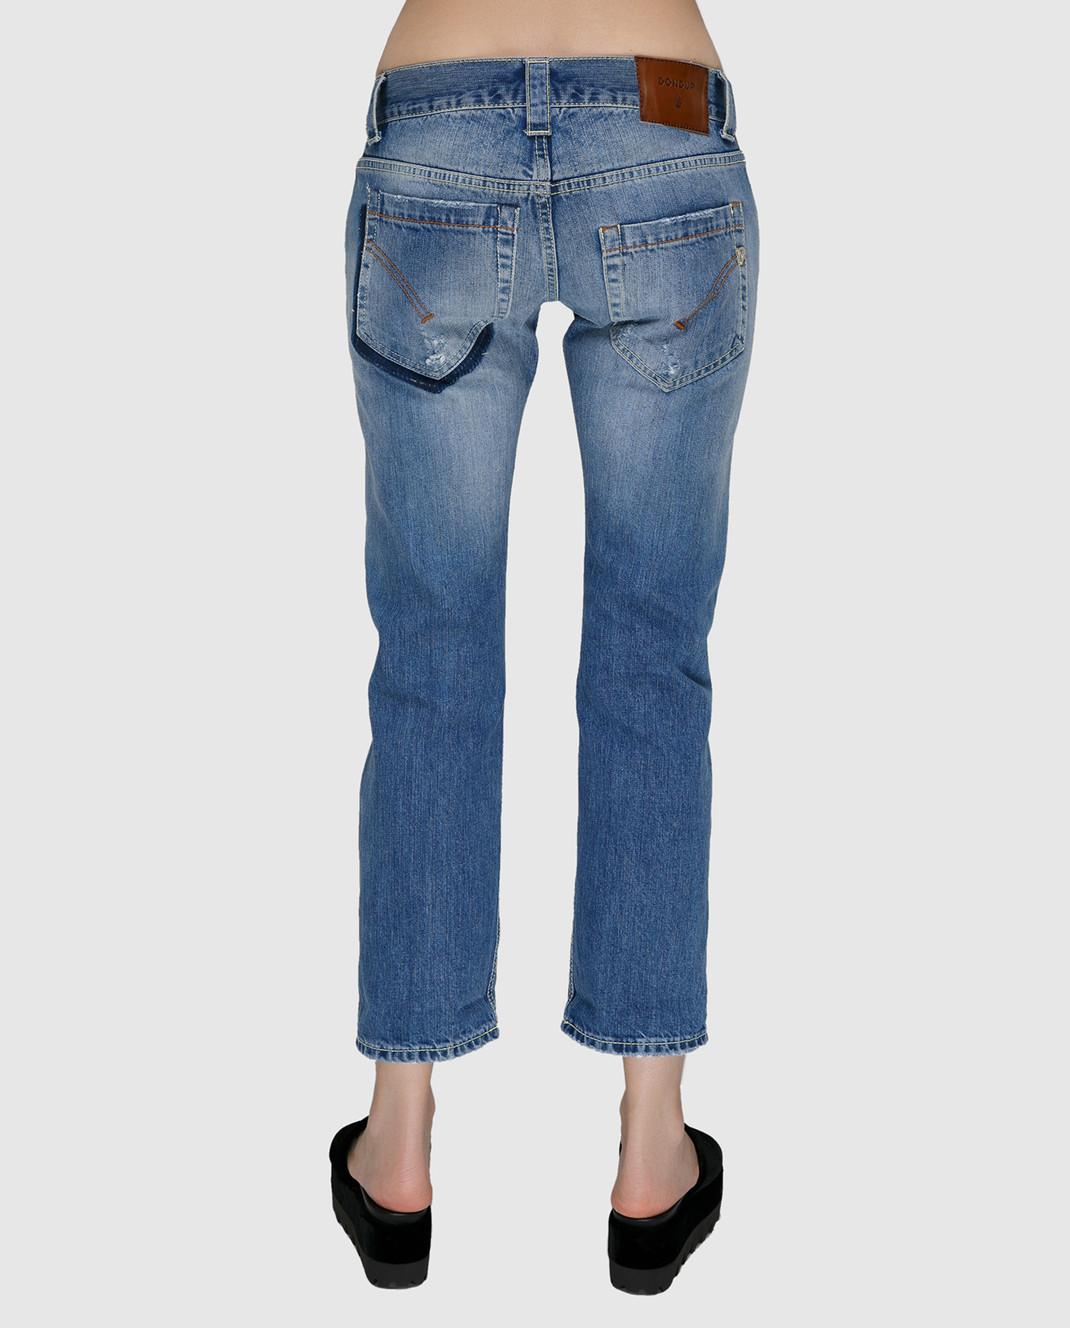 Dondup Синие джинсы P857DF140DO66 изображение 4